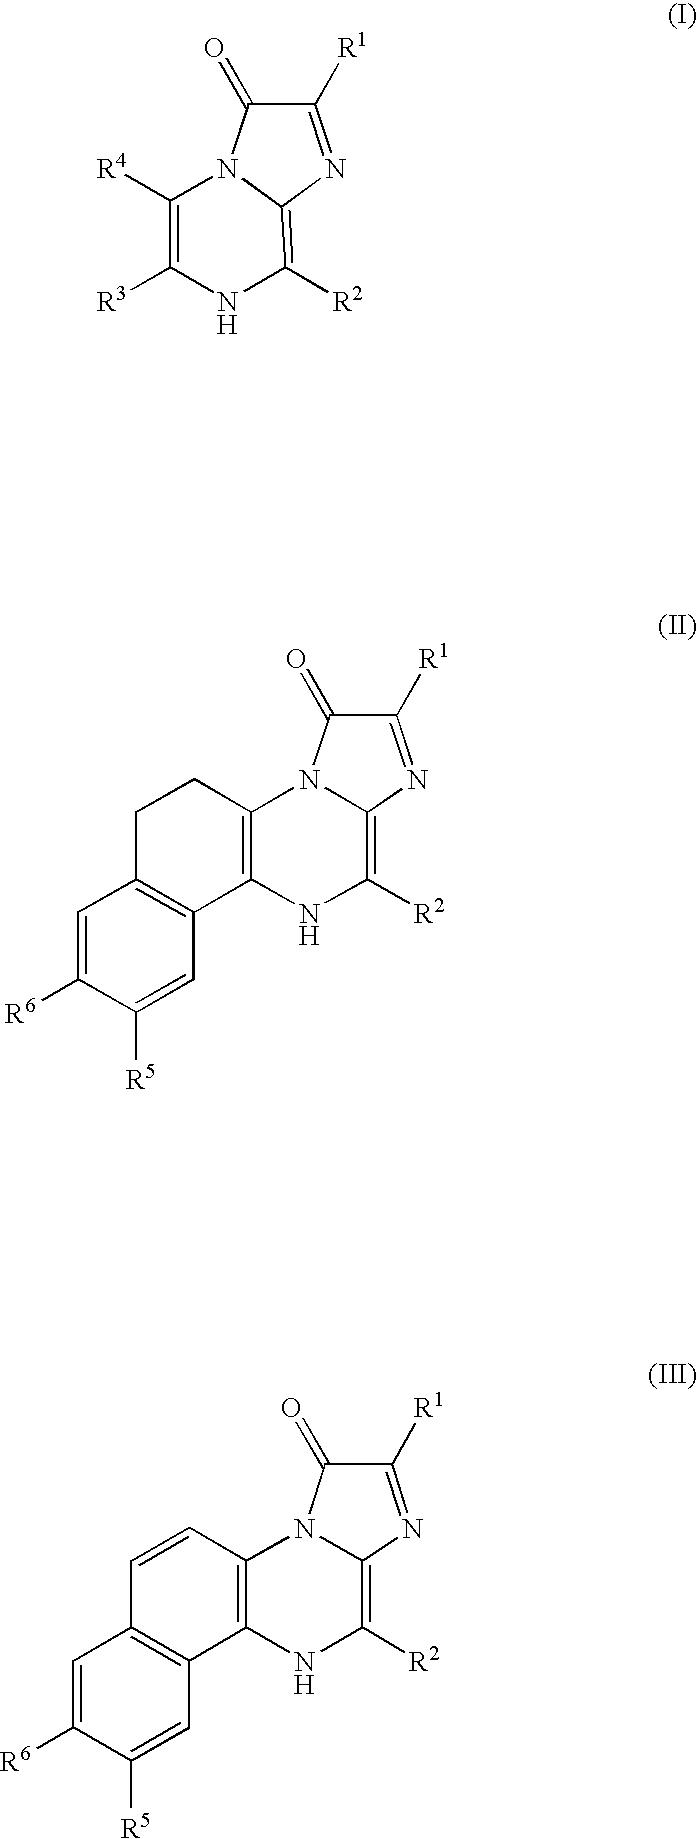 Figure US20080050760A1-20080228-C00003